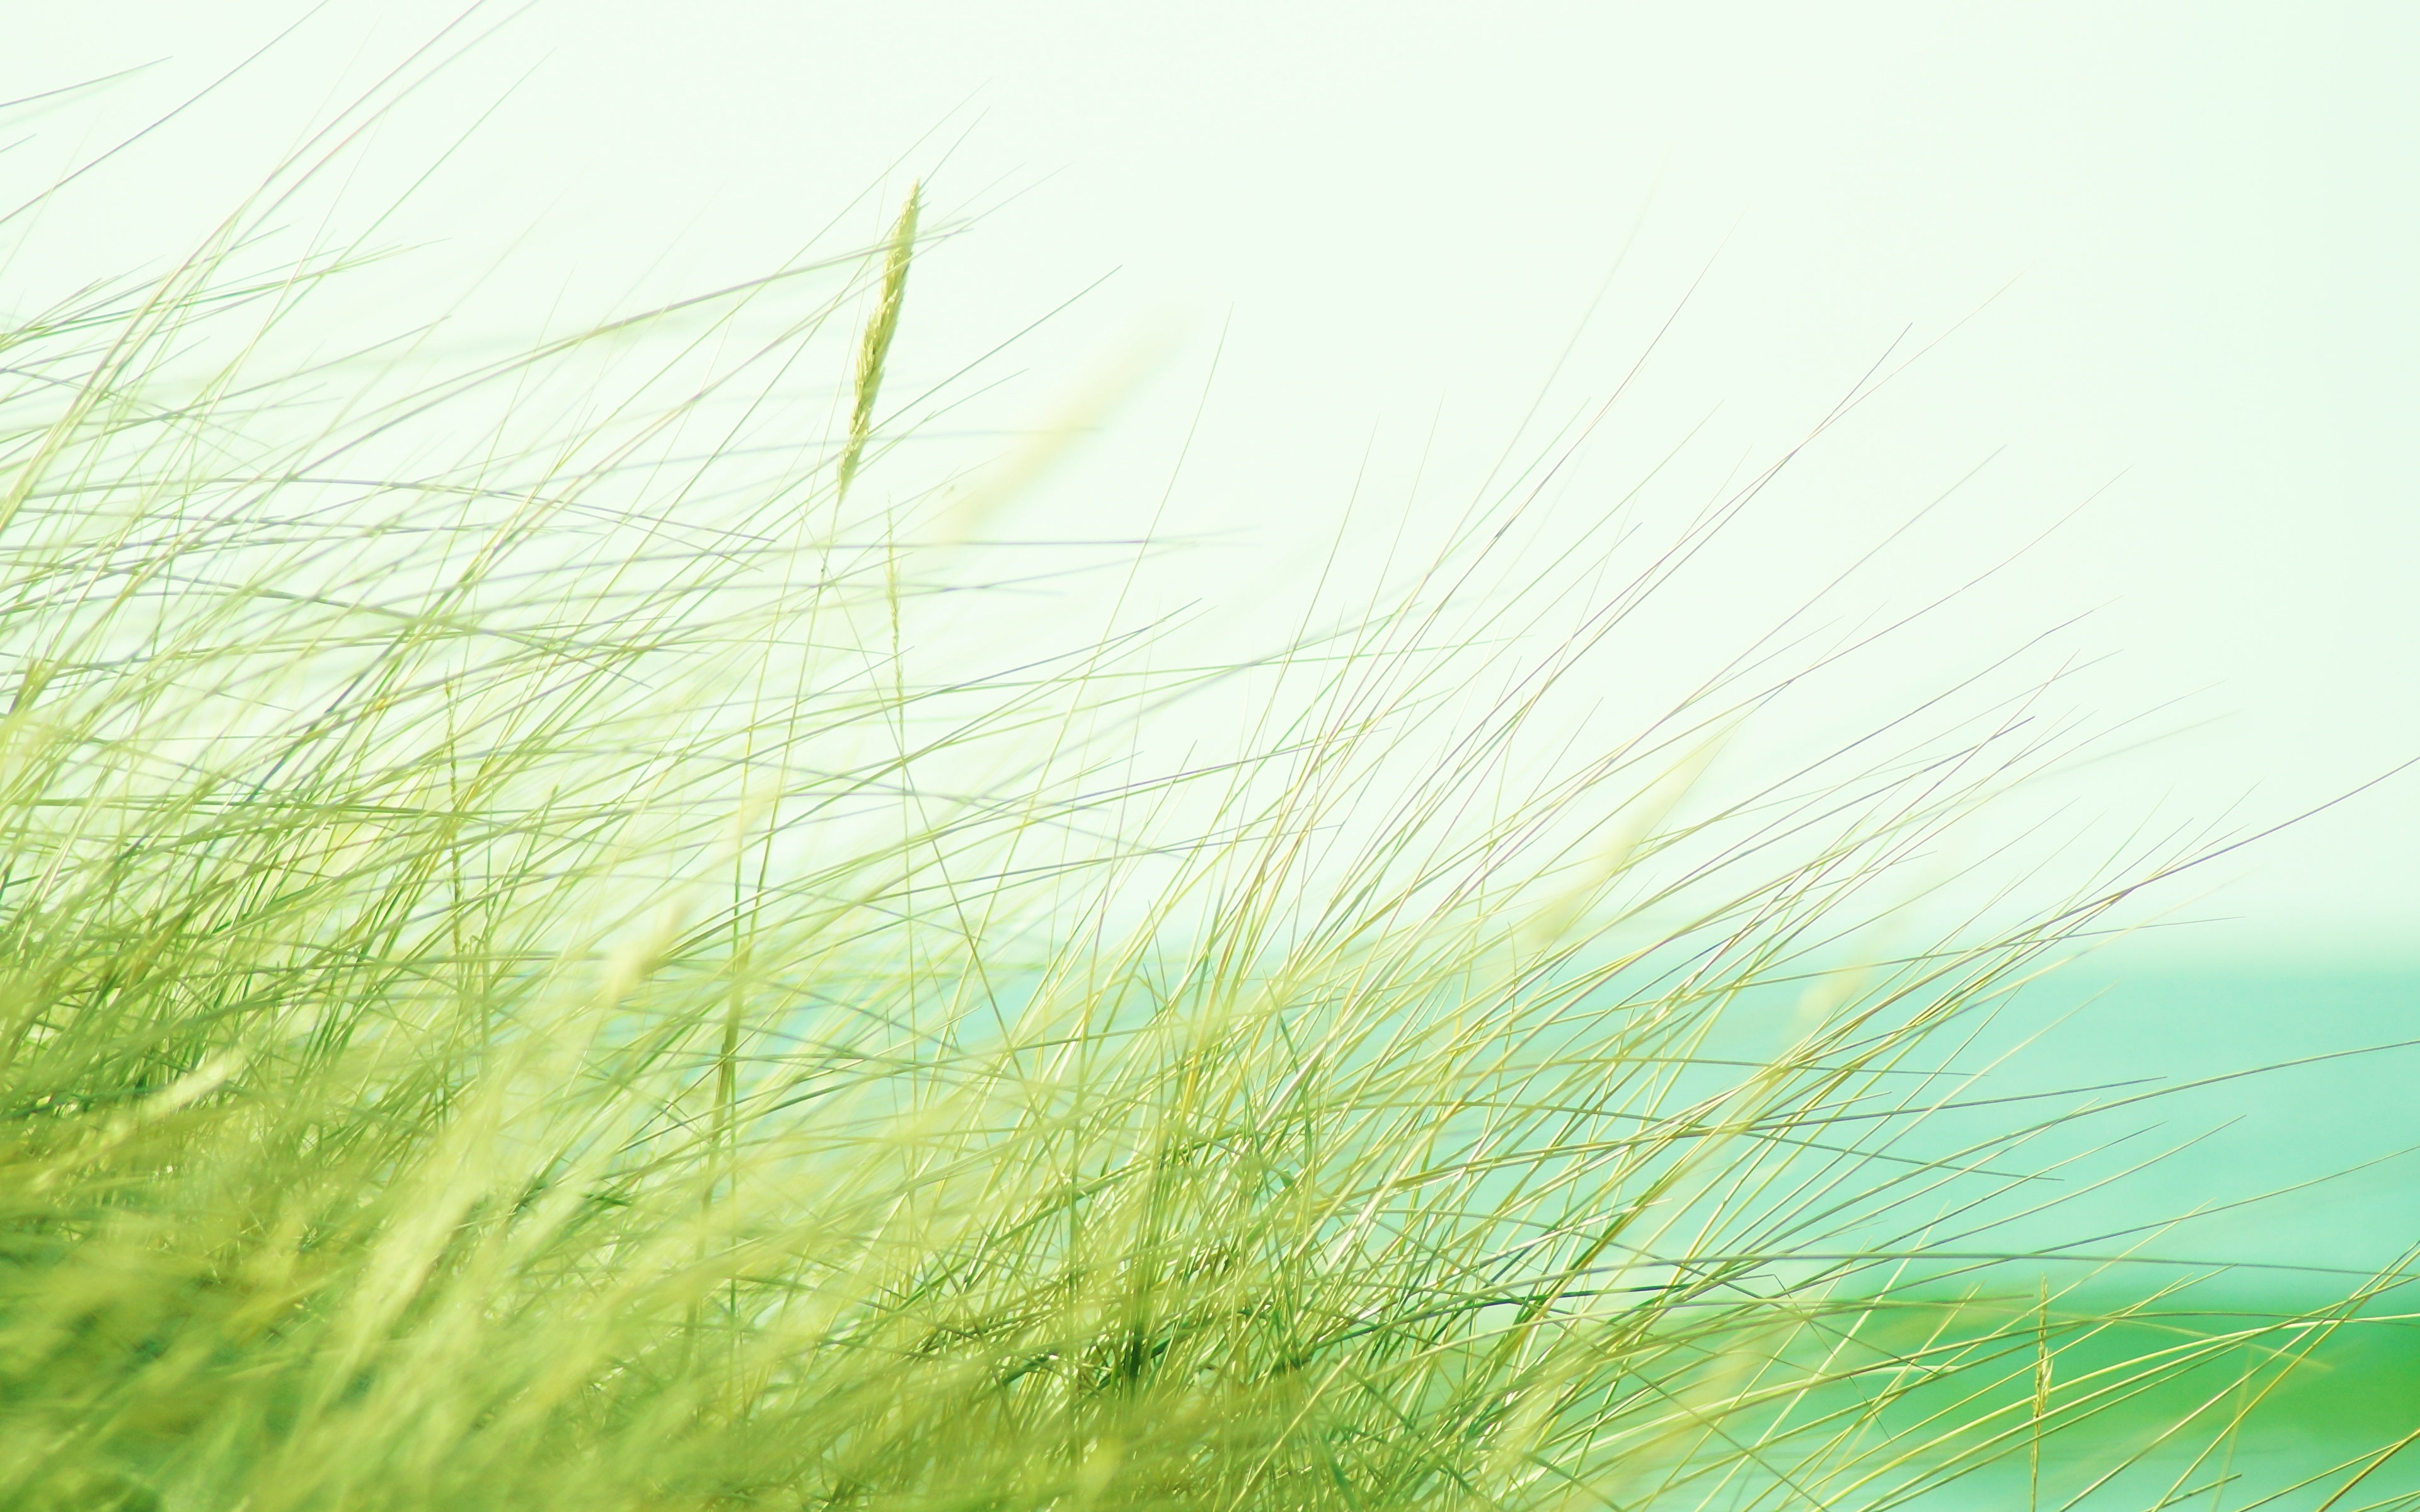 Обои для рабочего стола Природа траве Крупным планом 3840x2400 Трава вблизи